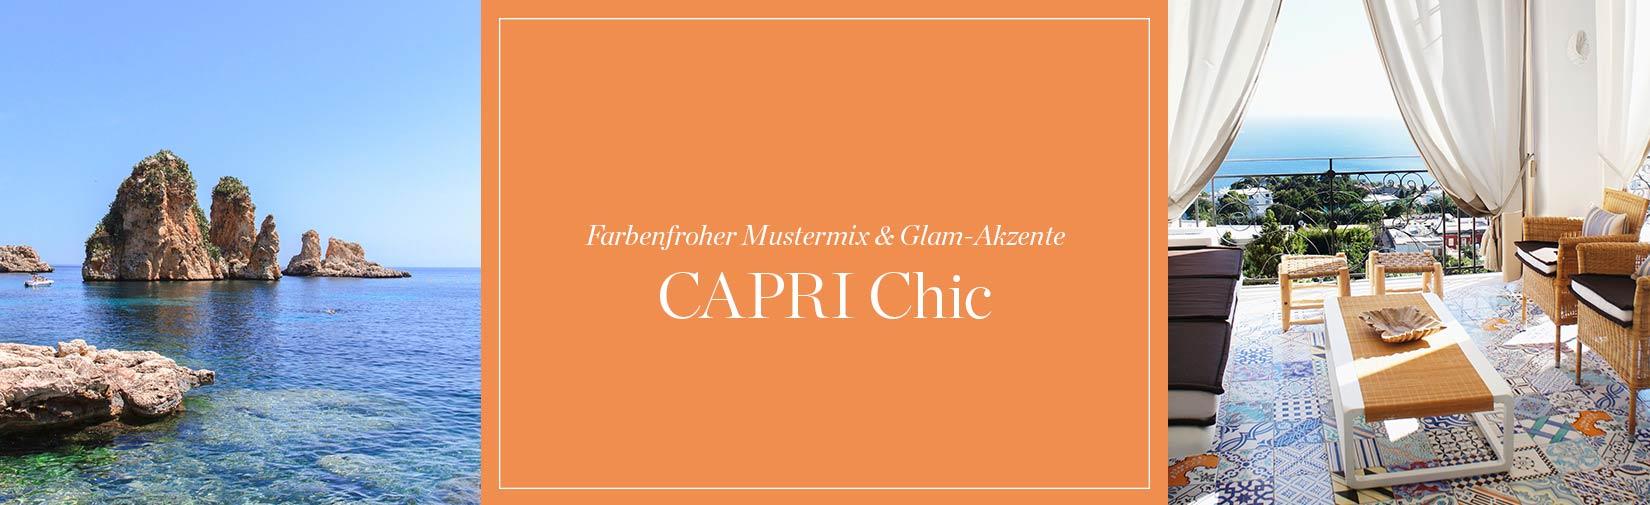 LP_Capri_Desktop_PR